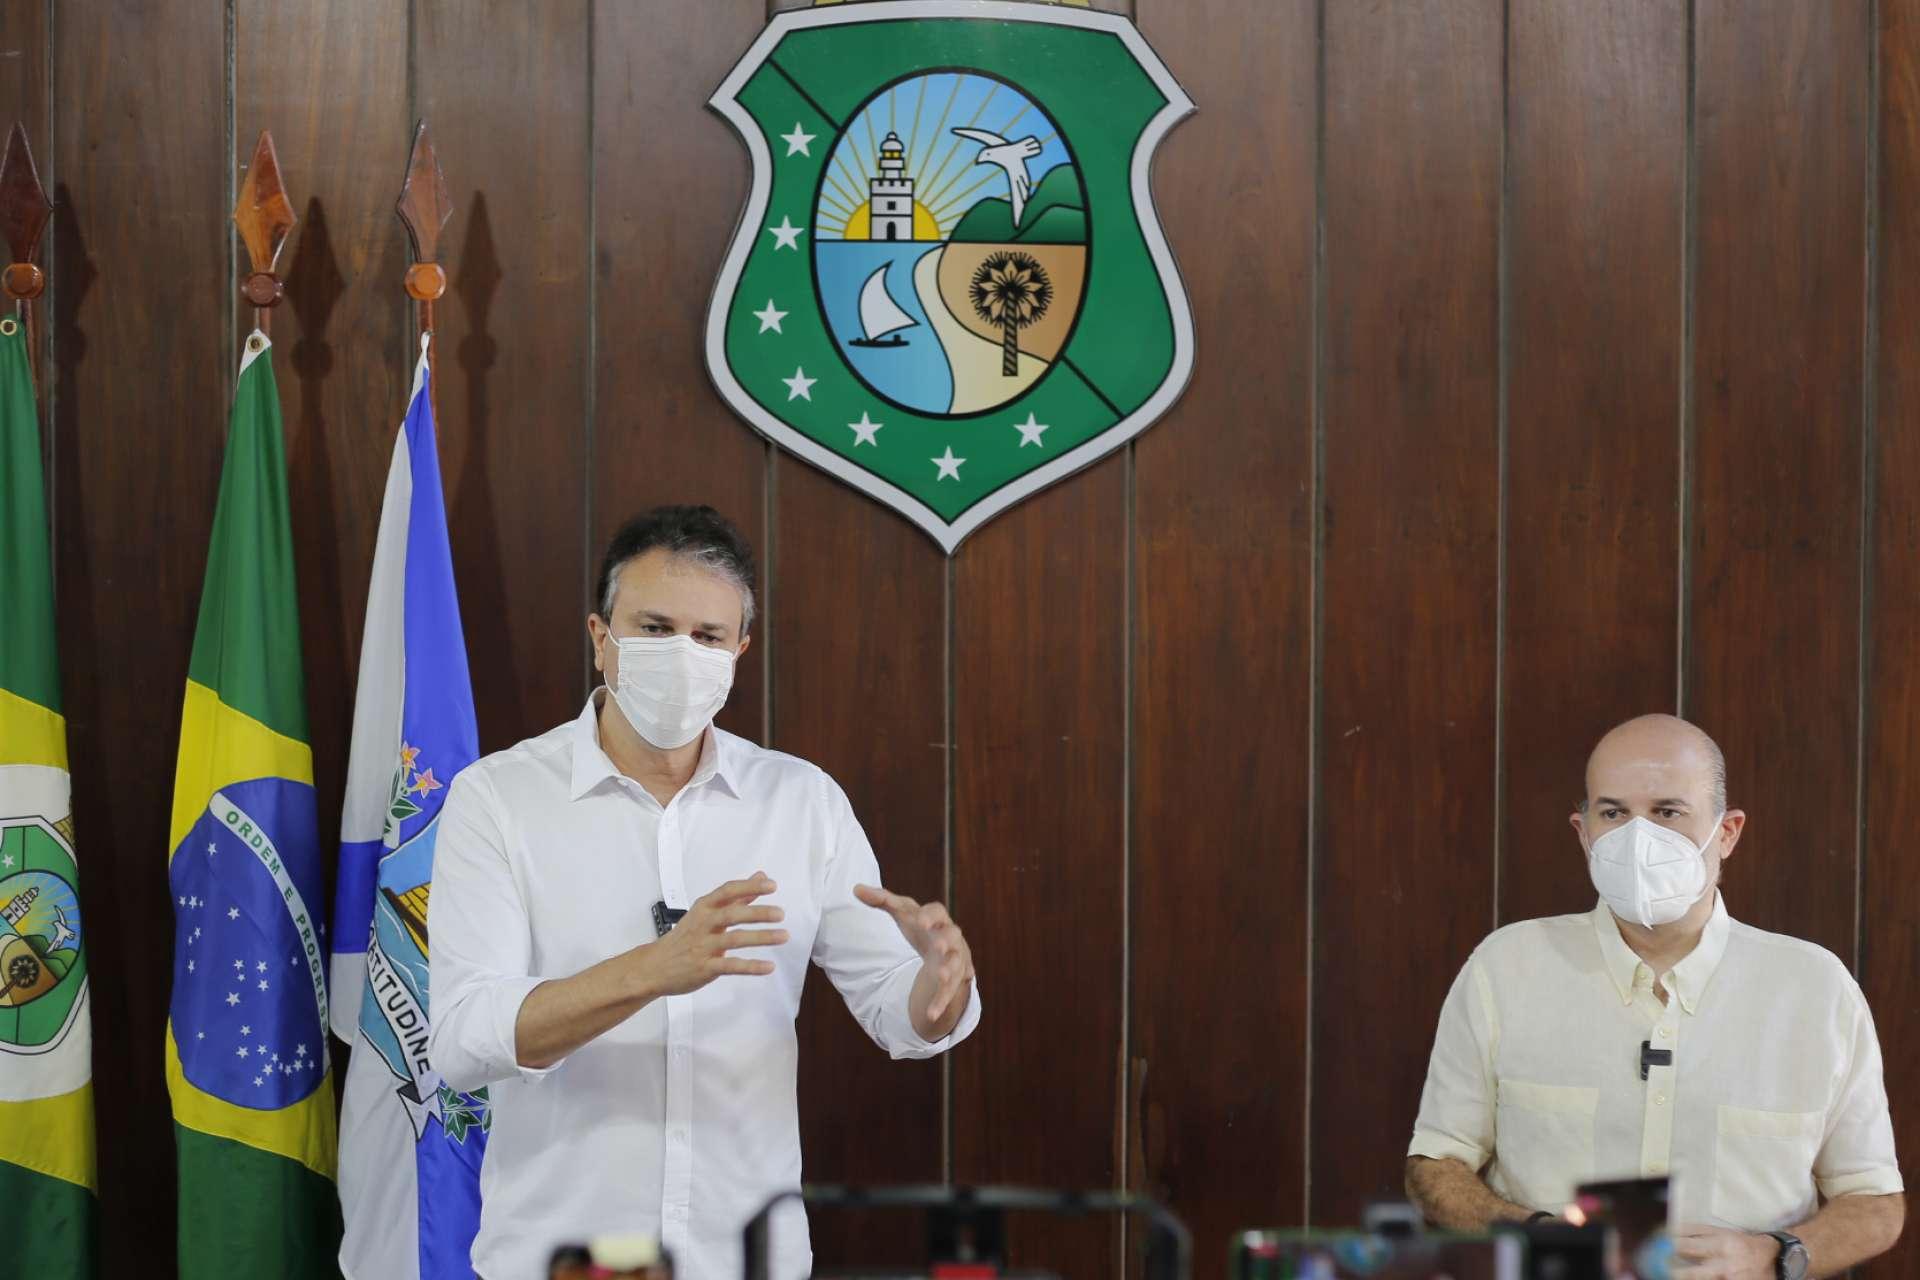 GOVERNADOR Camilo Santana e o prefeito Roberto Cláudio anunciaram como será a nova etapa em live